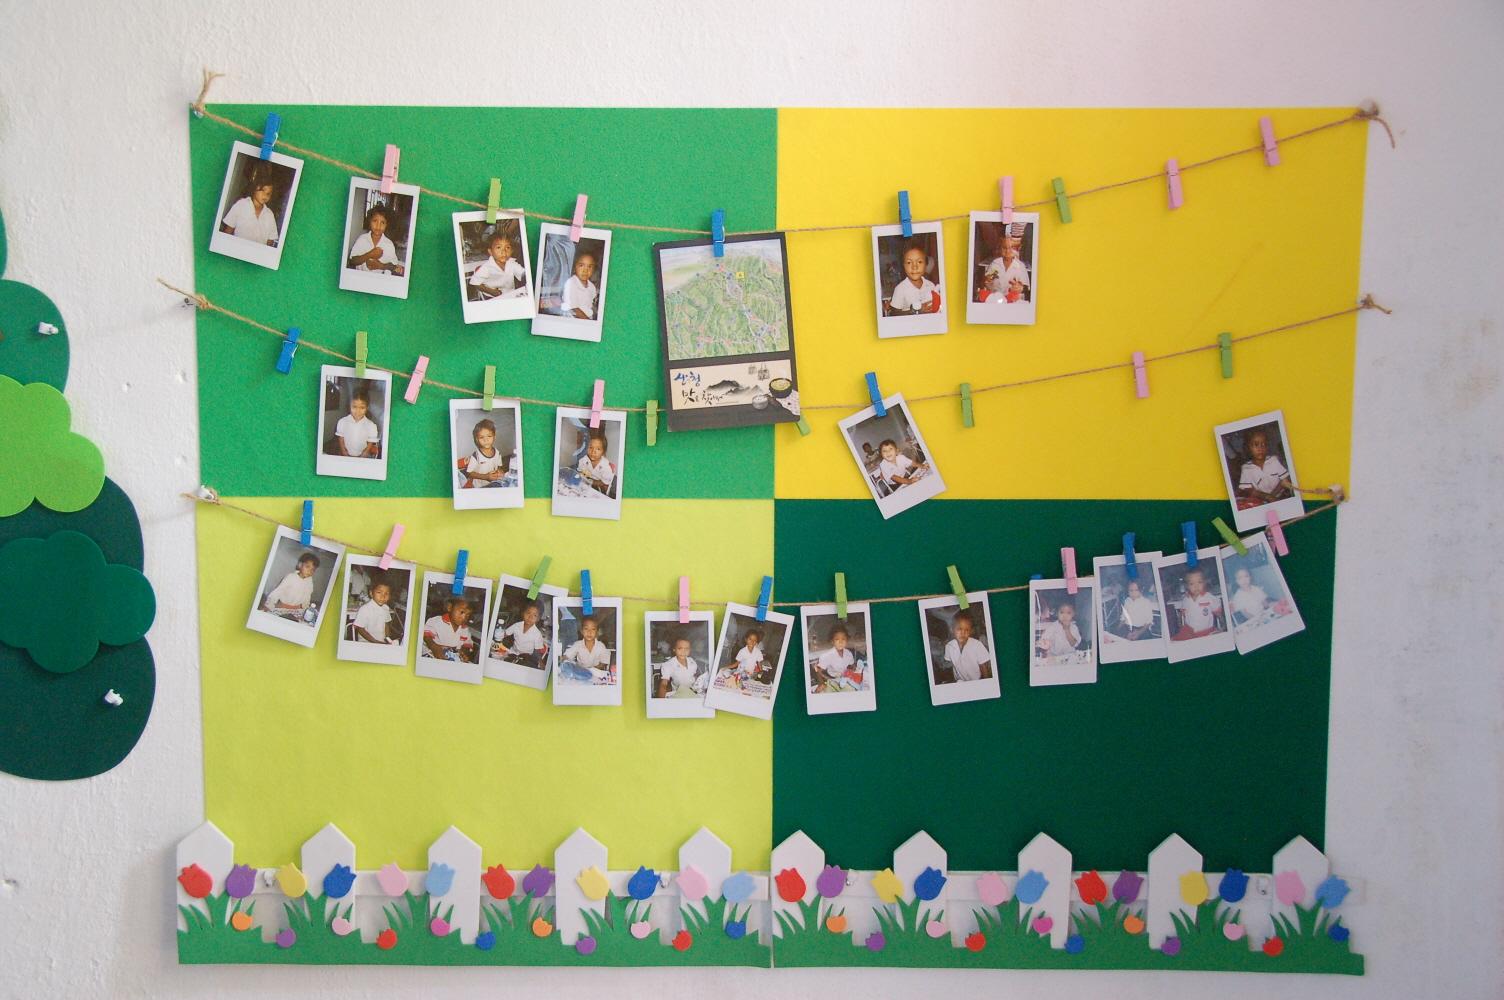 14.유치원 어린이들의 사진으로 장식한 벽면.JPG